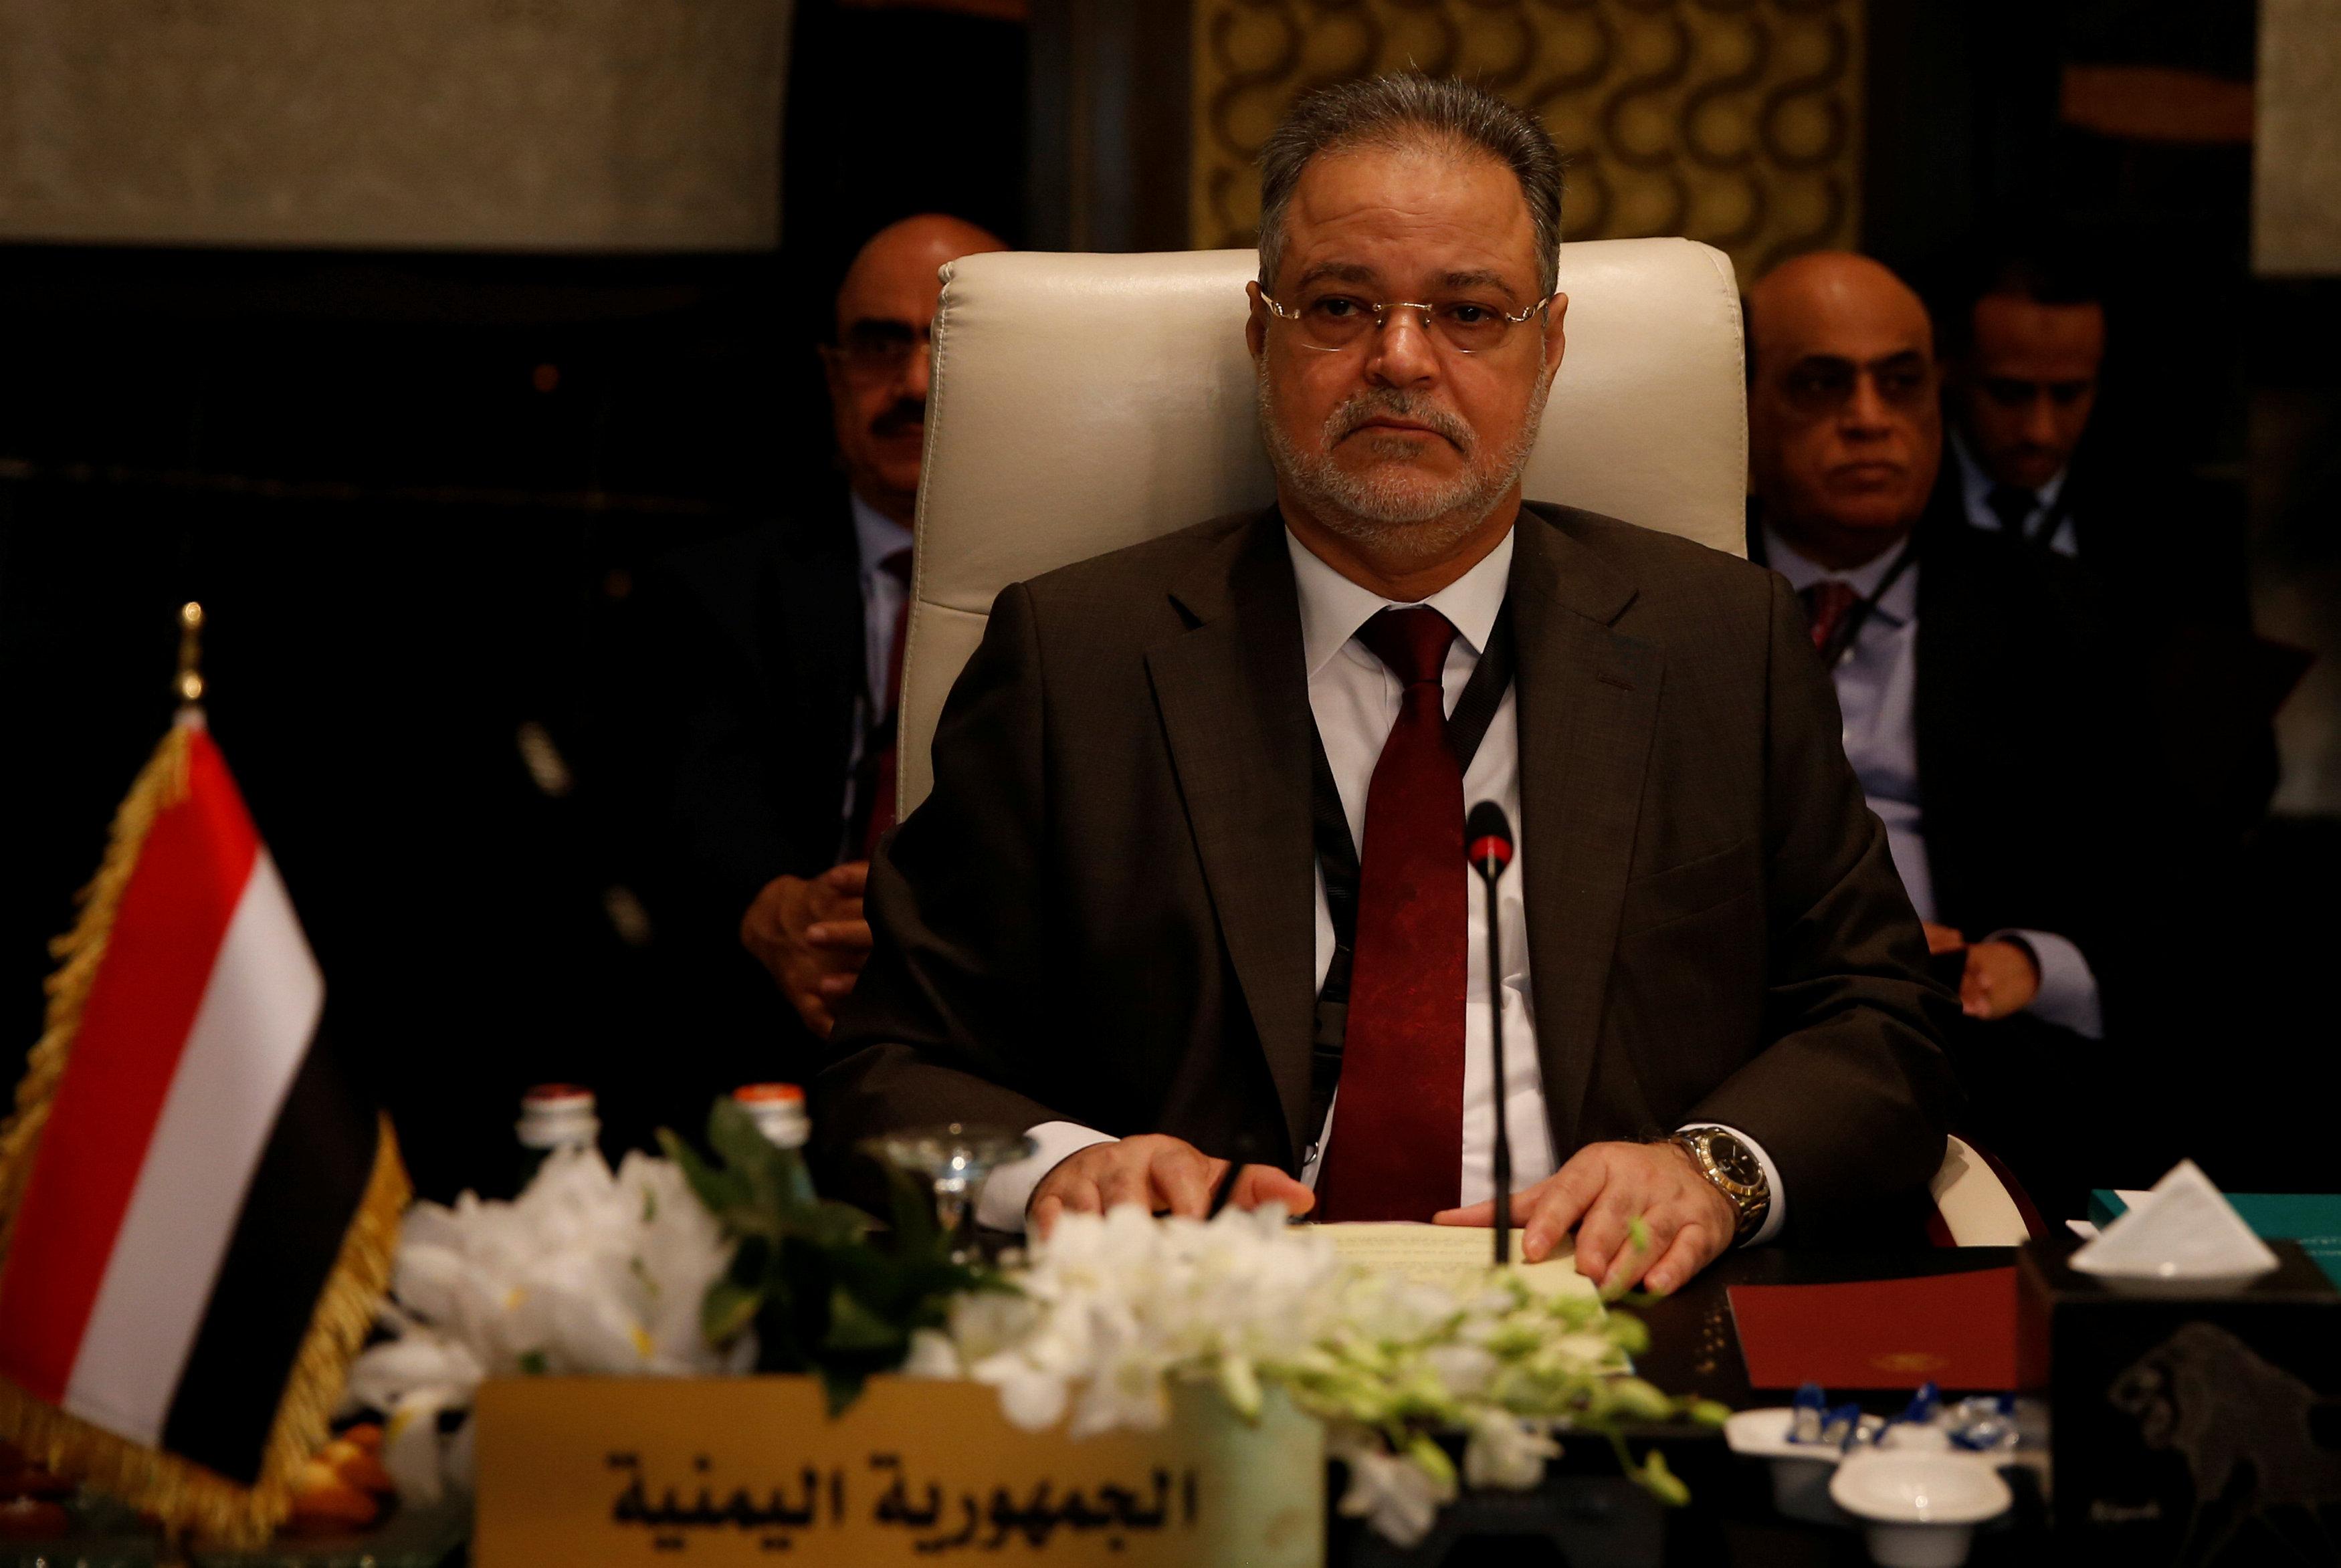 وزير الخارجية اليمني عبد المالك المخلافي